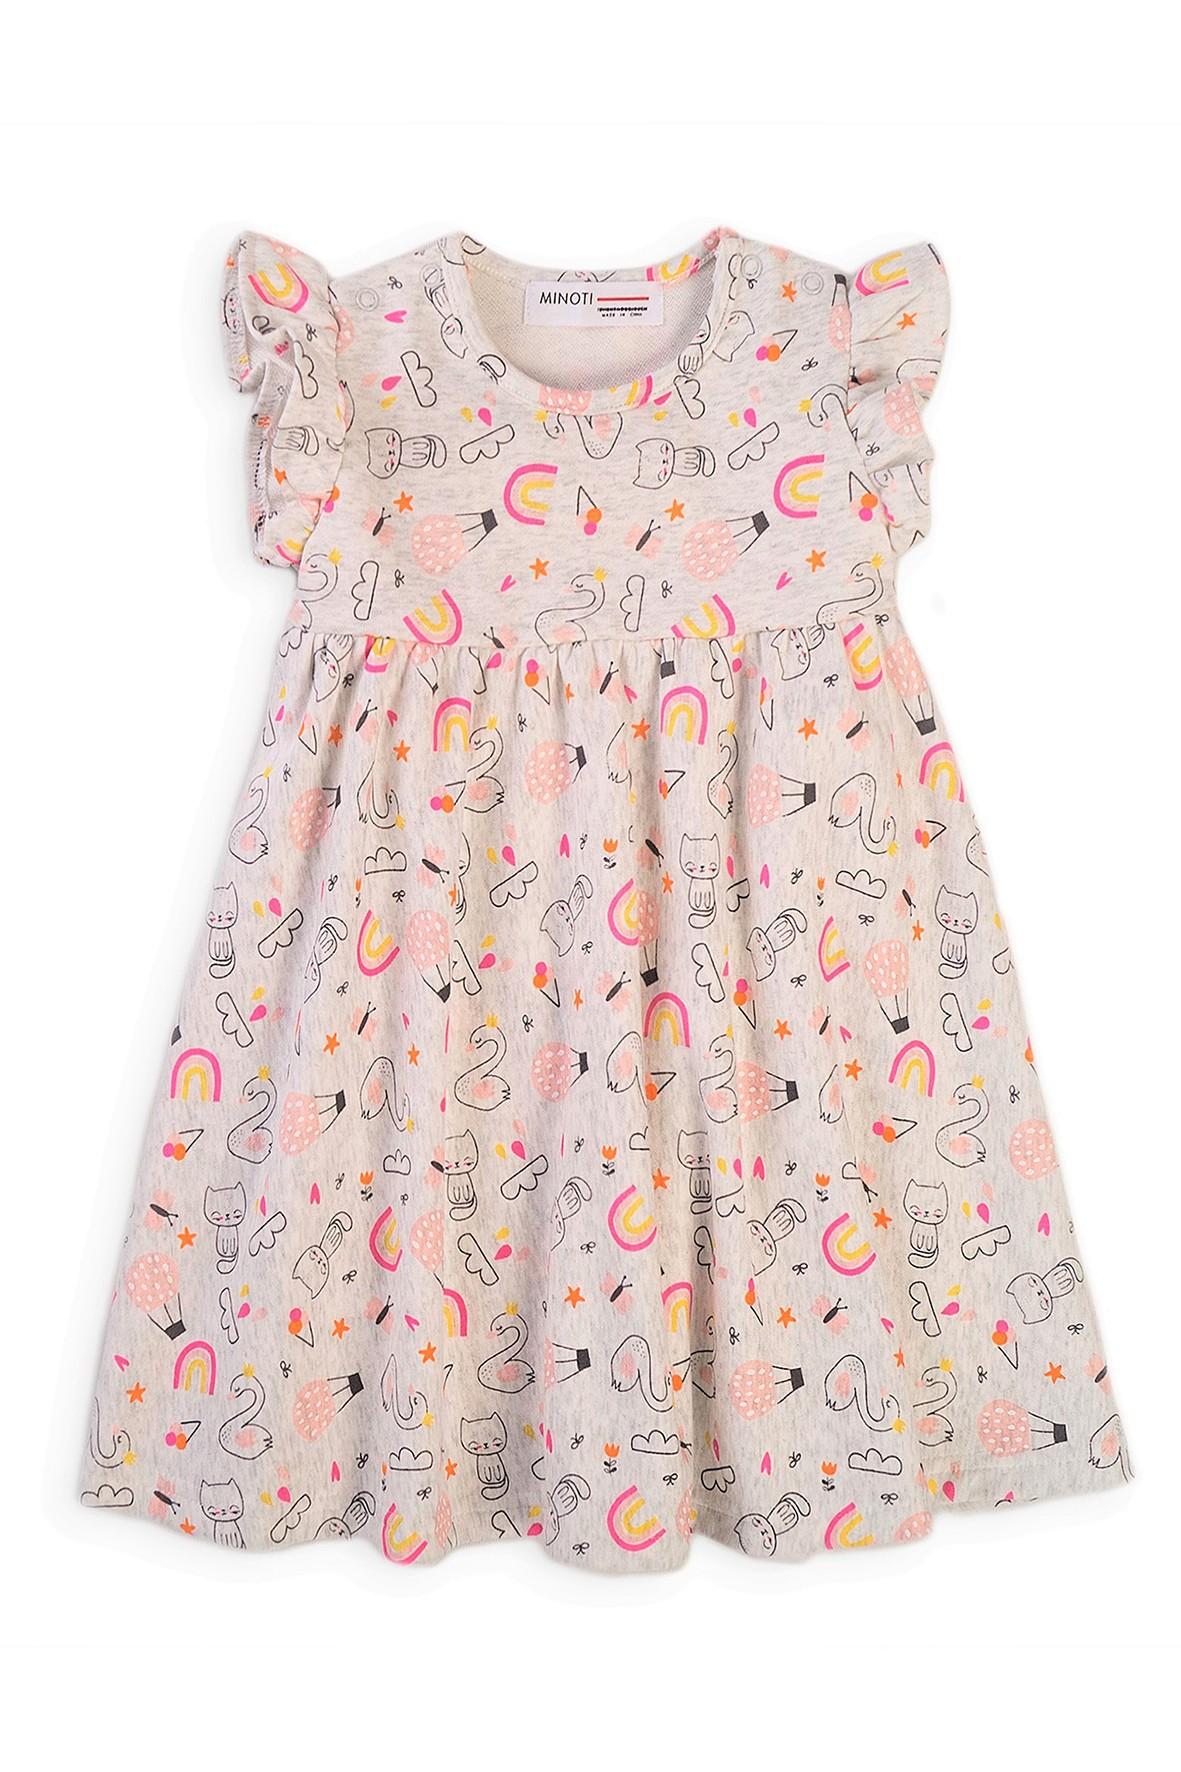 Bawełniana sukienka dziewczęca z kolorowym nadrukiem